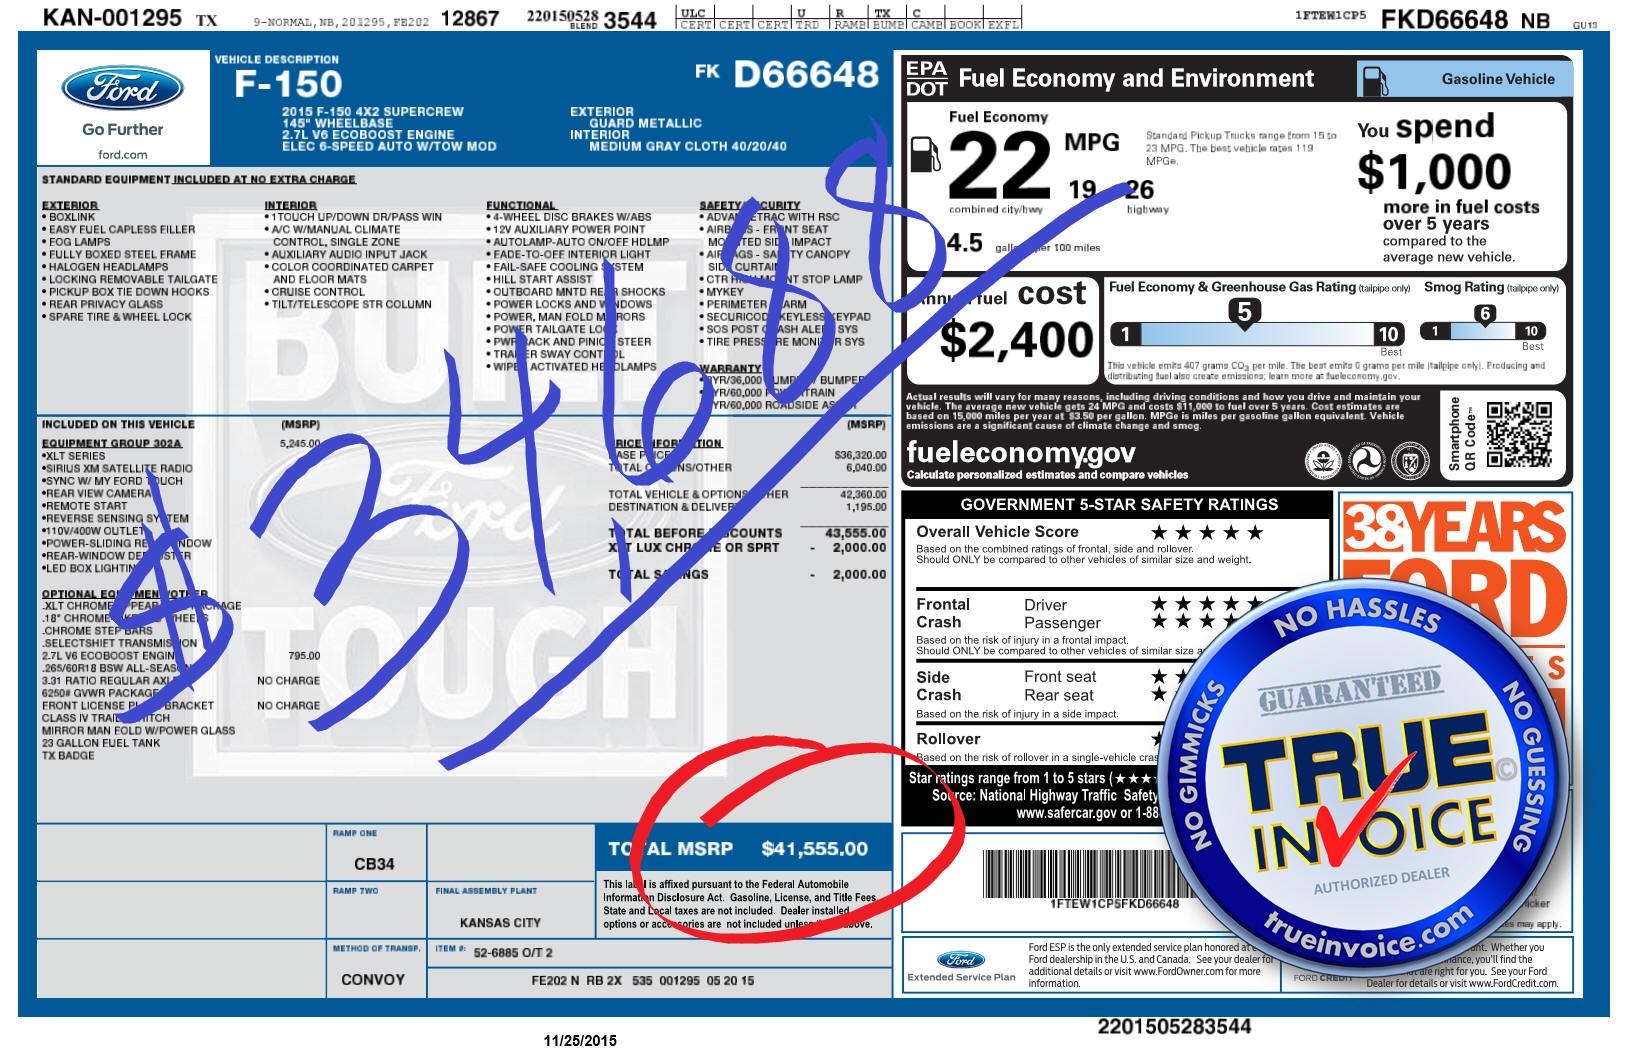 true invoice 2016 ford f150 ford f150 invoice